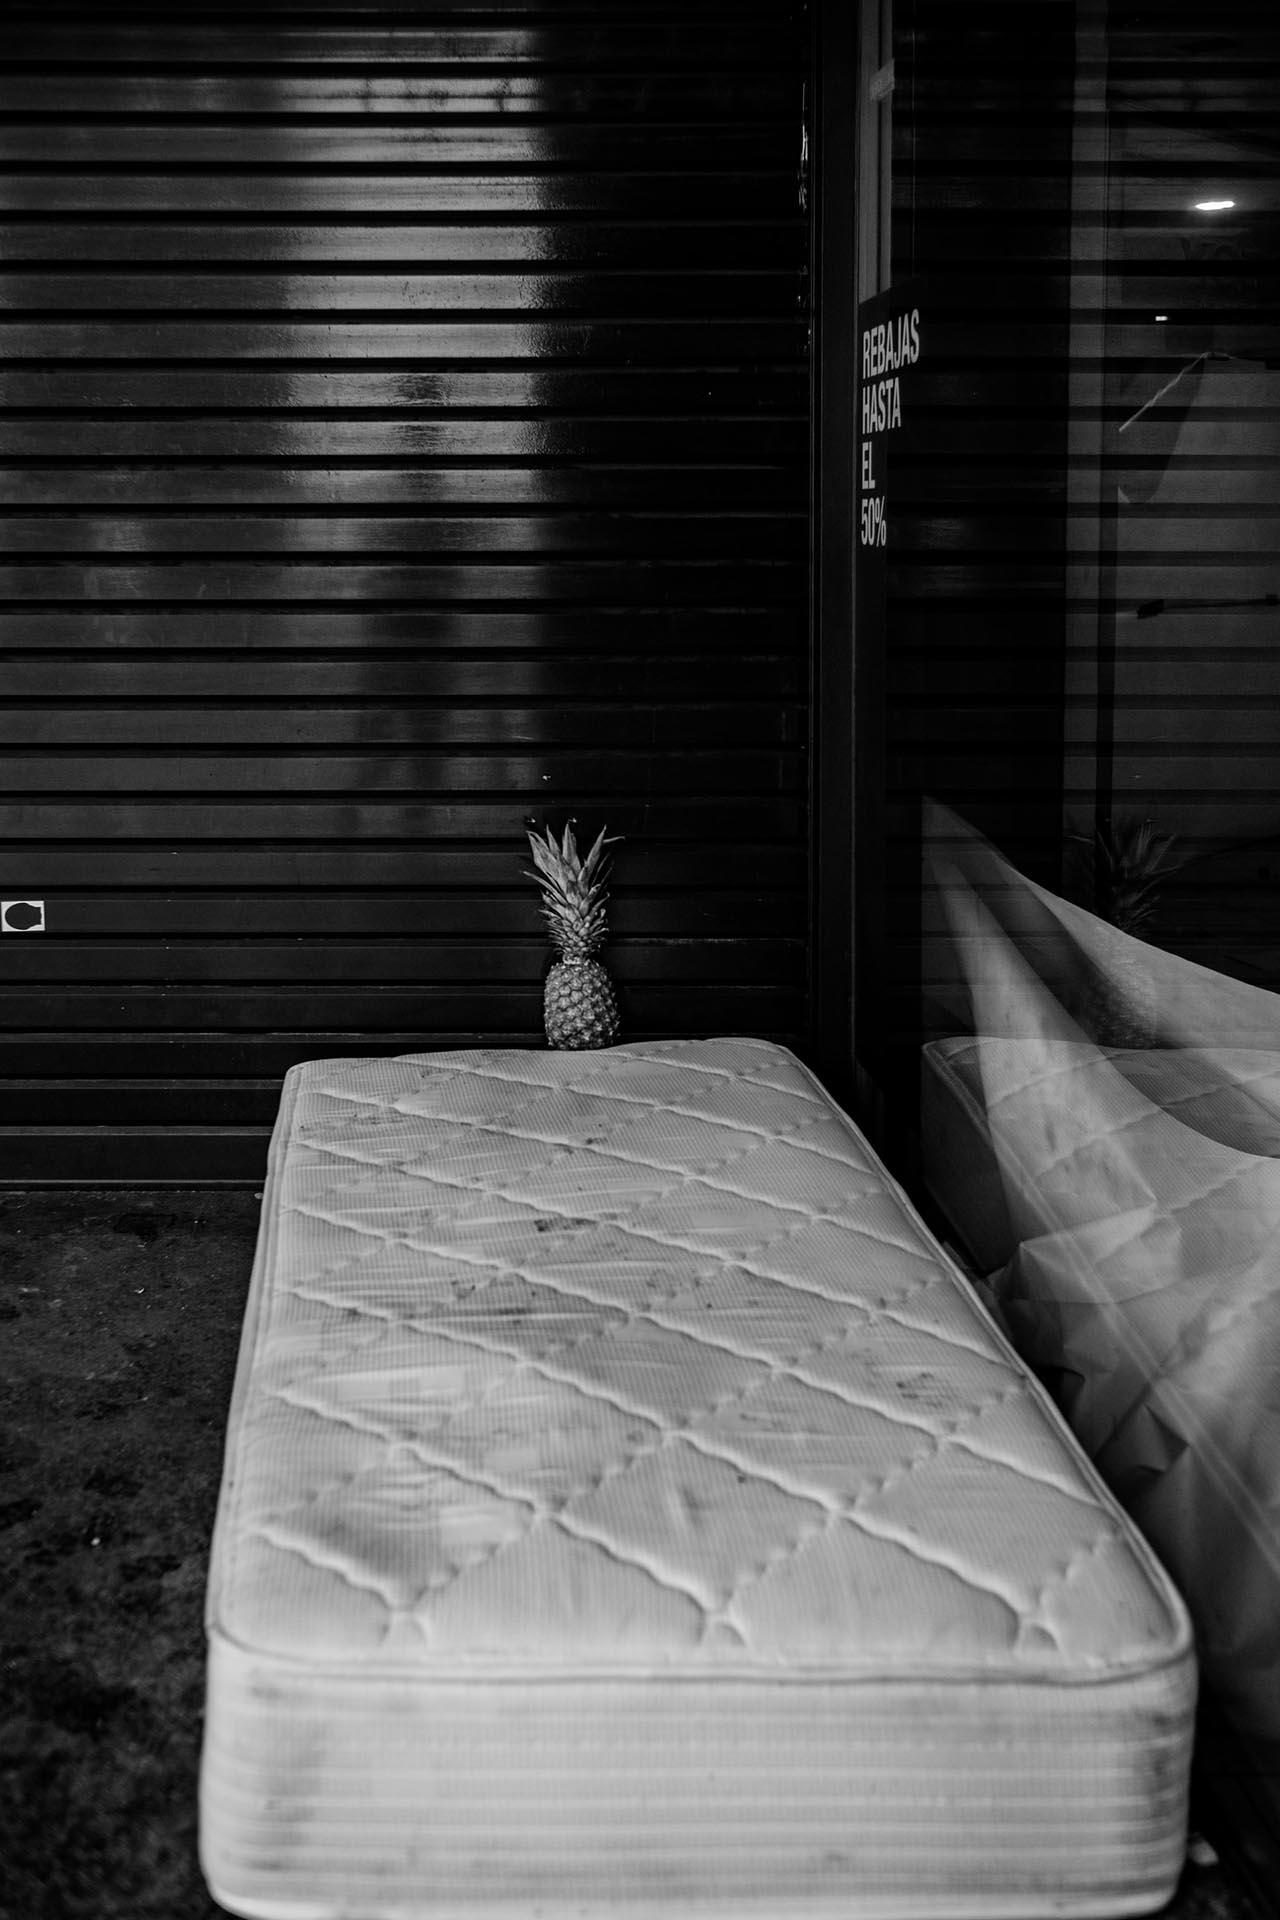 Ein klappbares Gästebett ist ein guter Kompromiss zwischen festes Bett und Matratze ohne Gestell.